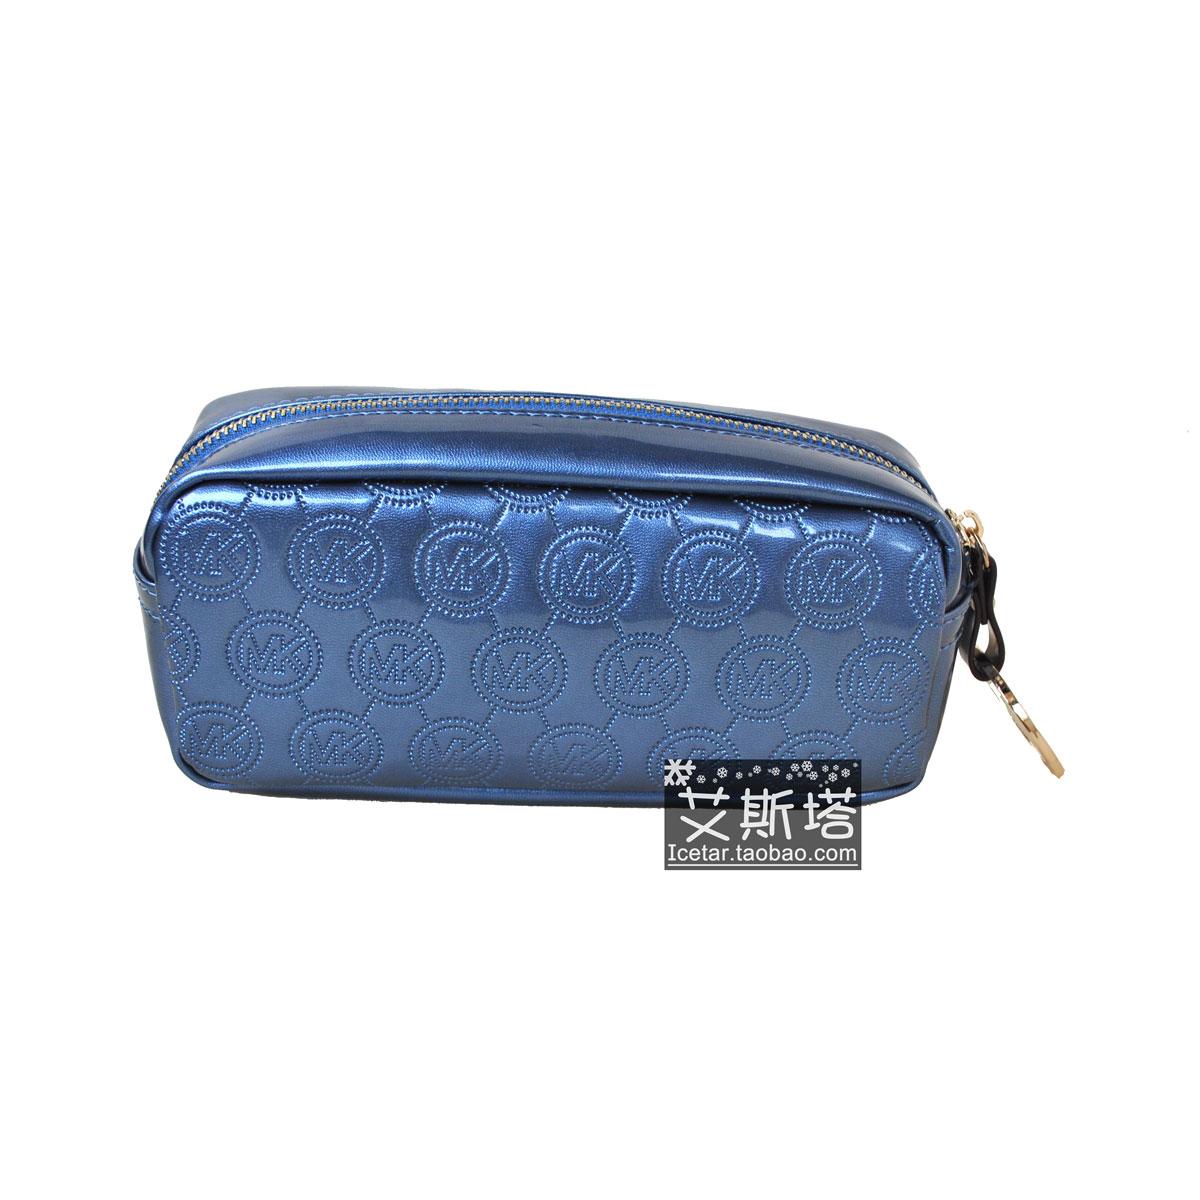 Бумажник 2012 изменения мешок женщин мешок телефона мешок руки мешка косметический мешок Длинный бумажник Жен. Искусственная кожа